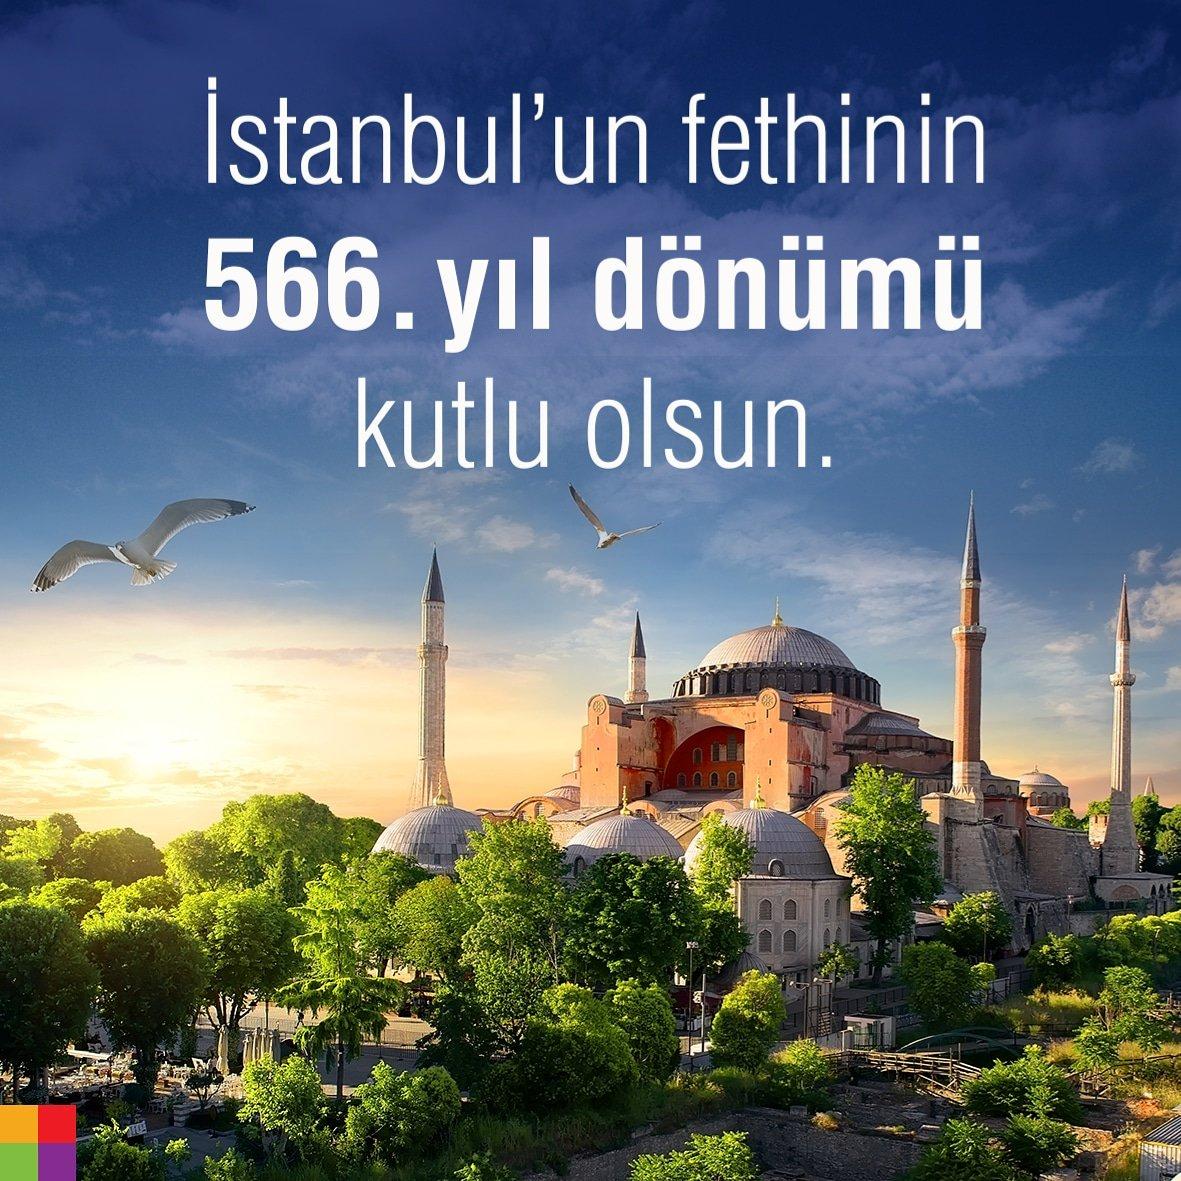 İstanbul'un fethinin 566. yıl dönümü kutlu olsun. #istanbulunfethi #istanbul #agrafikdizayn #reklamajansı #29mayıs1453 #1453 https://t.co/IrwE9dwZ85